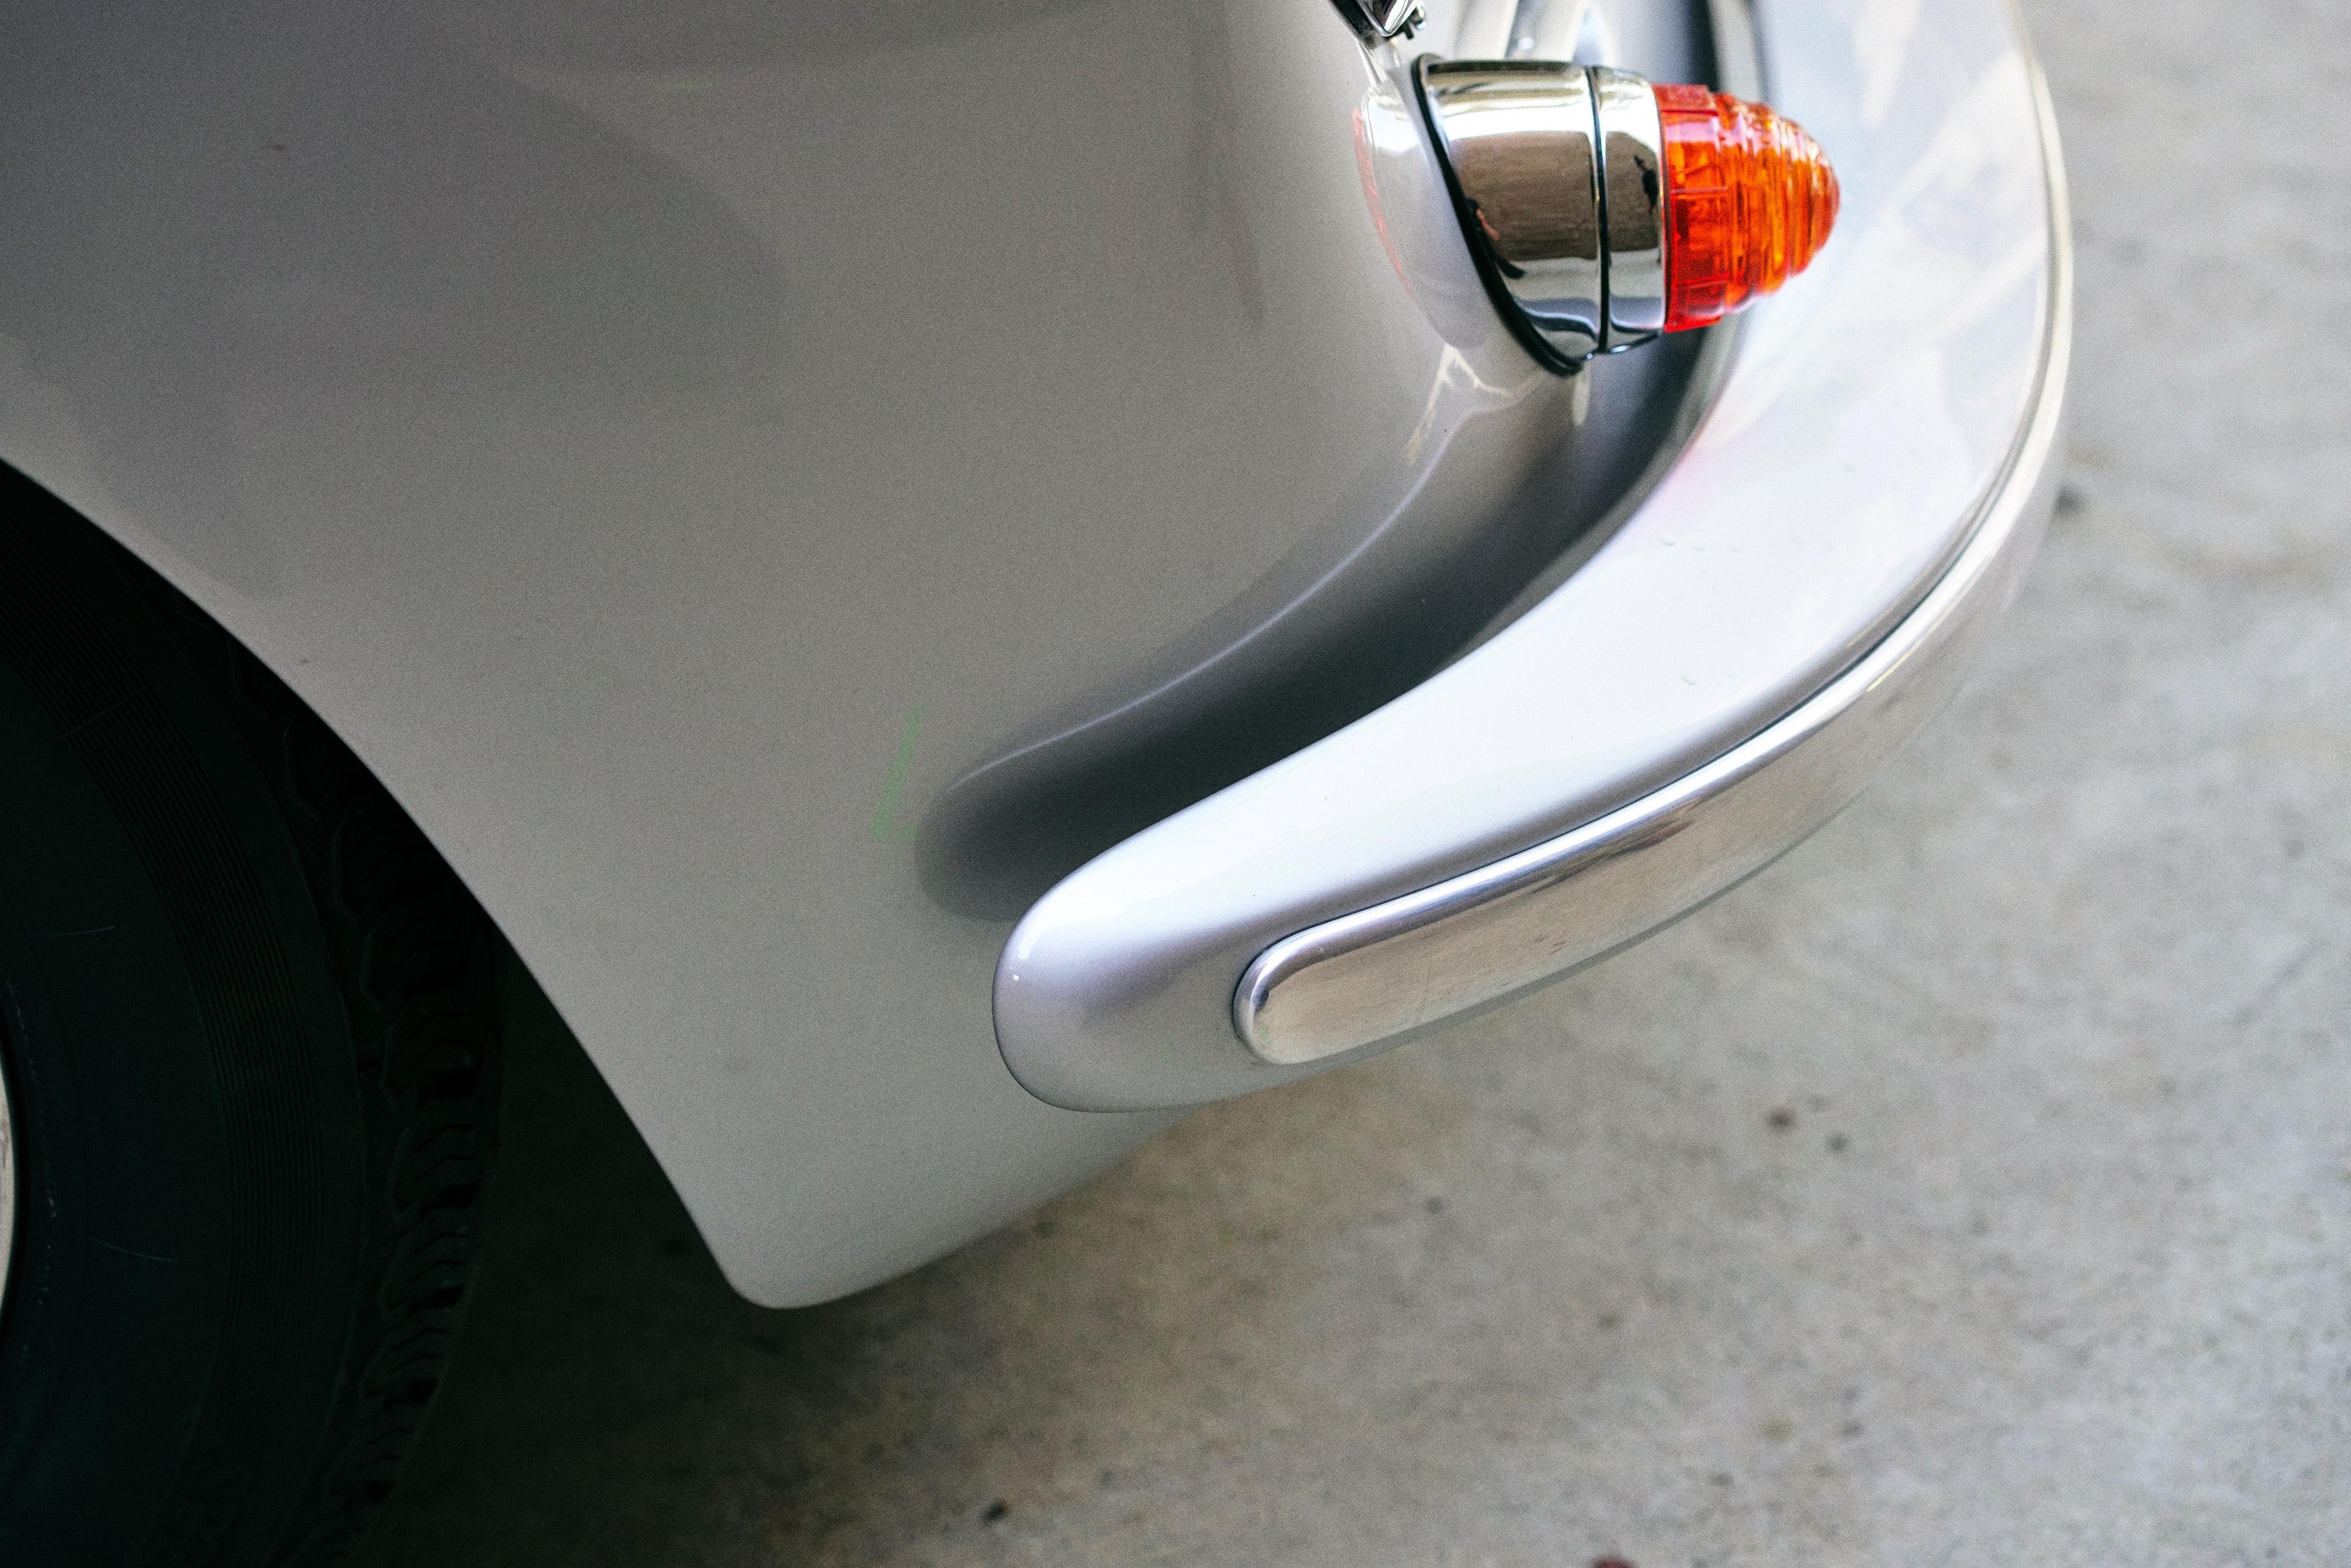 Luftgekühlt-6-Rennen-59-Porsche-356-1963-GT-Bumper-Detail